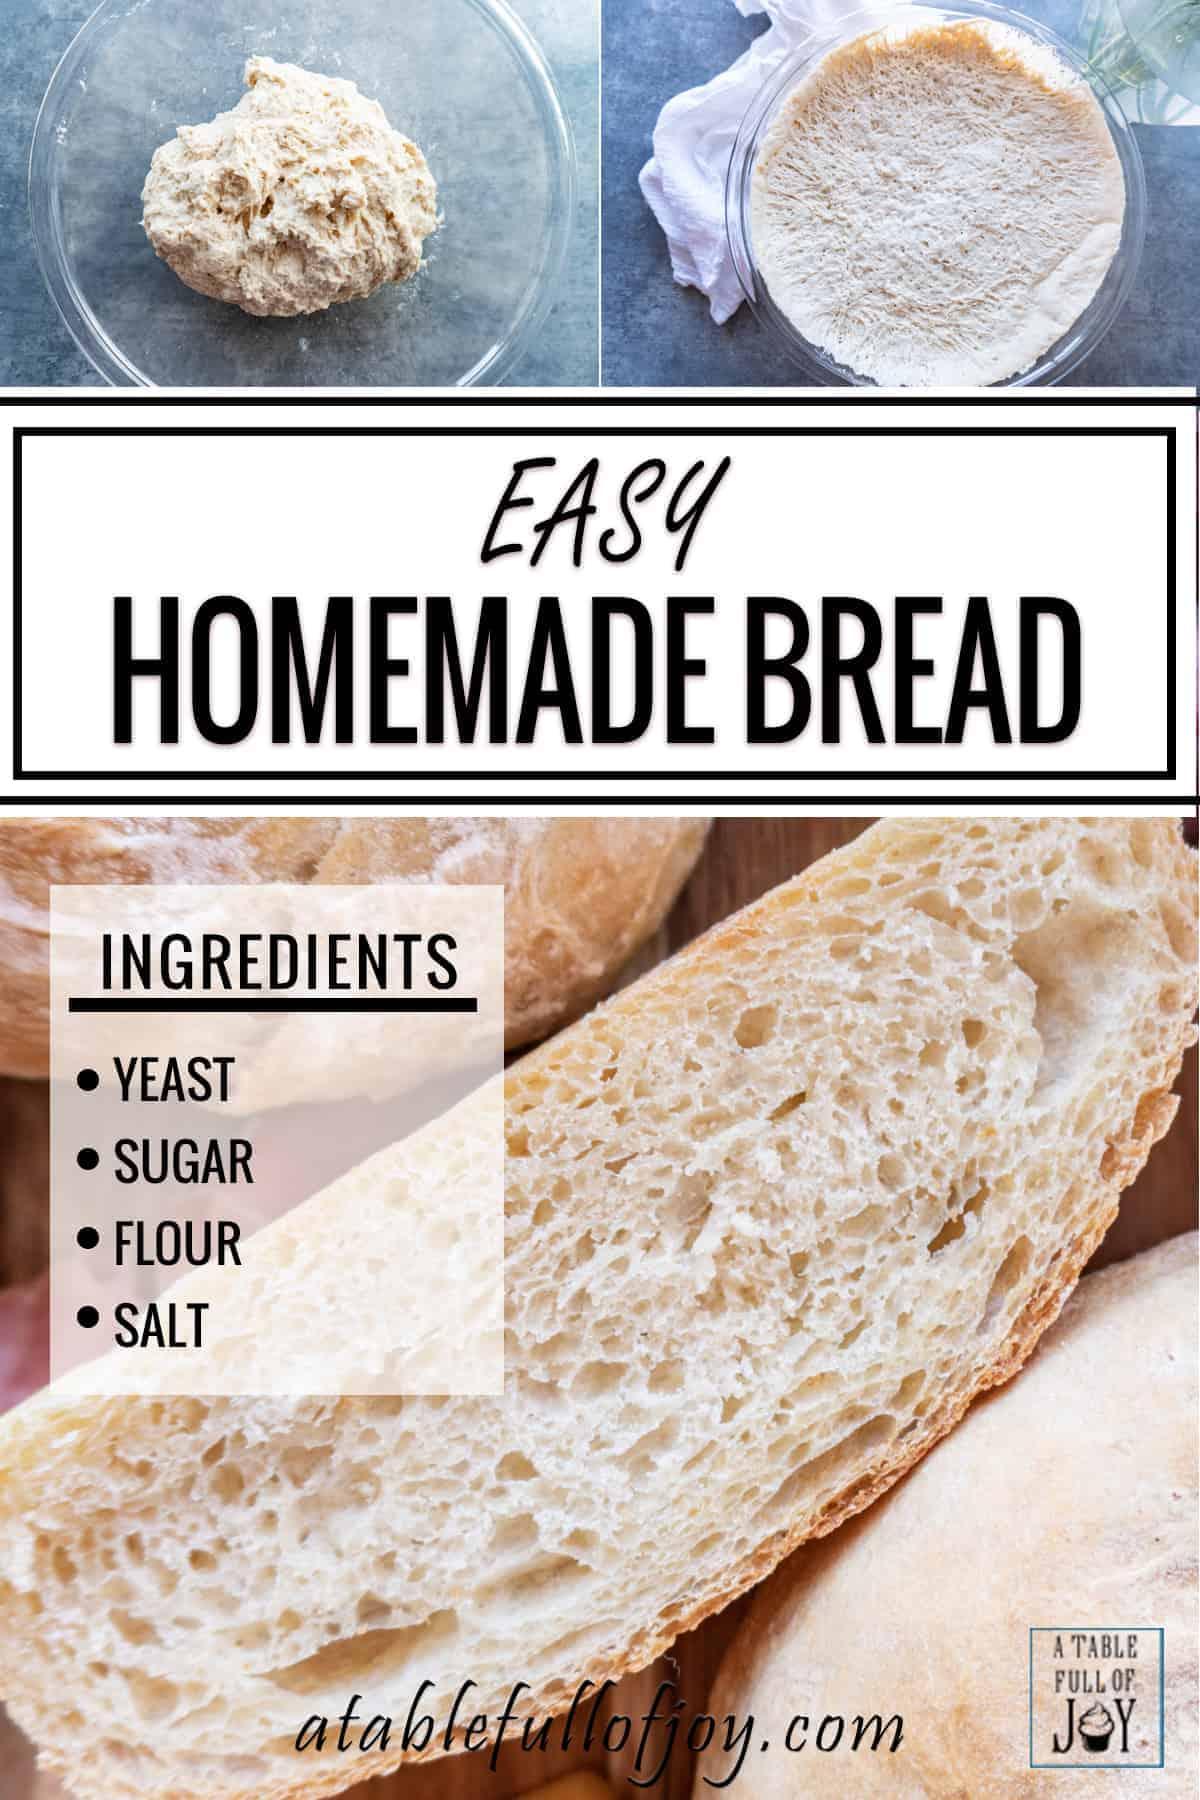 Homemade Bread Recipe Pin